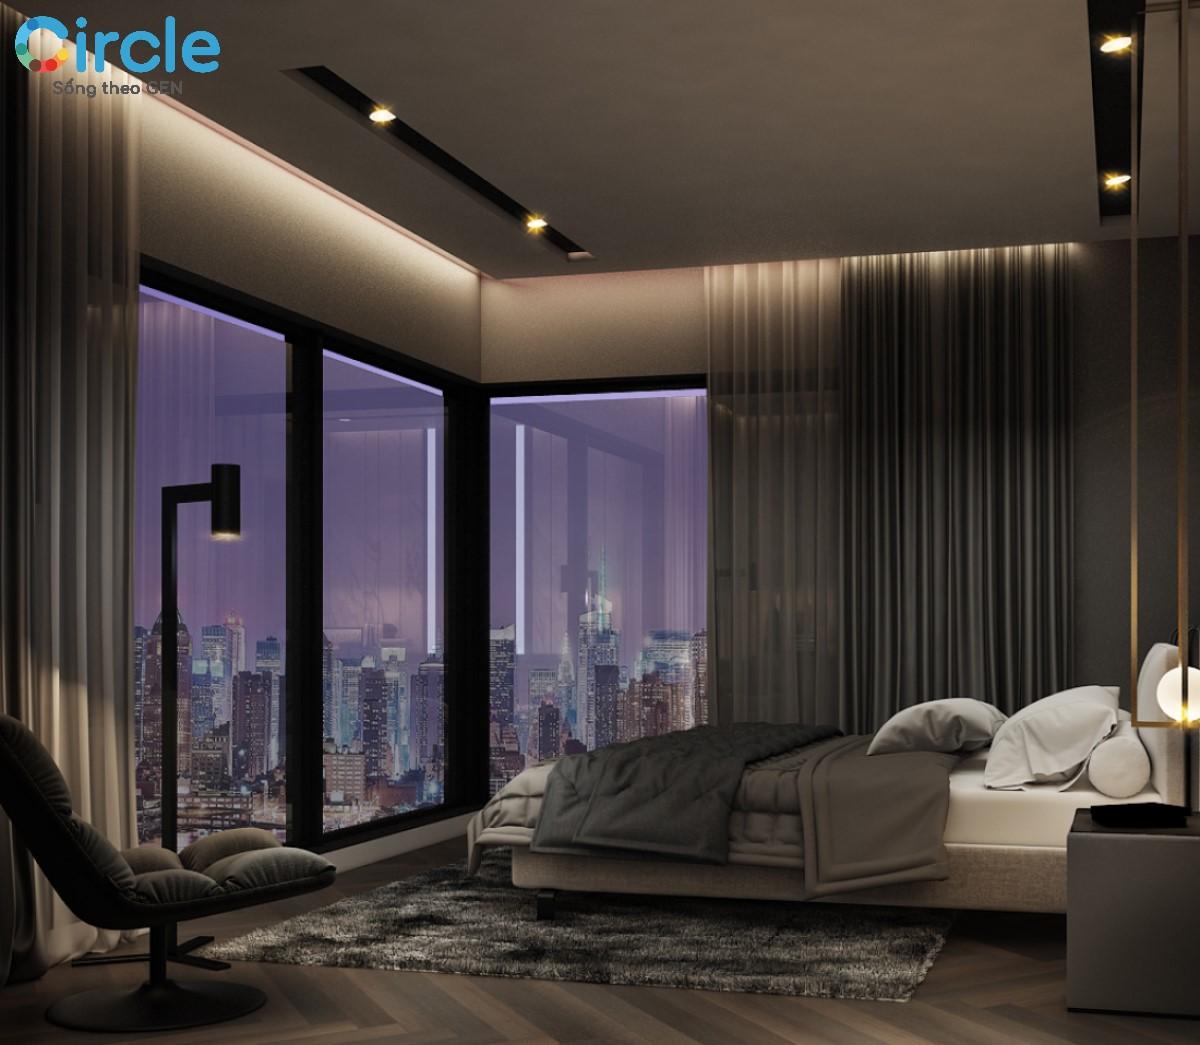 Phòng ngủ được thiết kế vừa ý sẽ giúp ích rất nhiều cho bạn trong việc cải thiện chất lượng giấc ngủ.